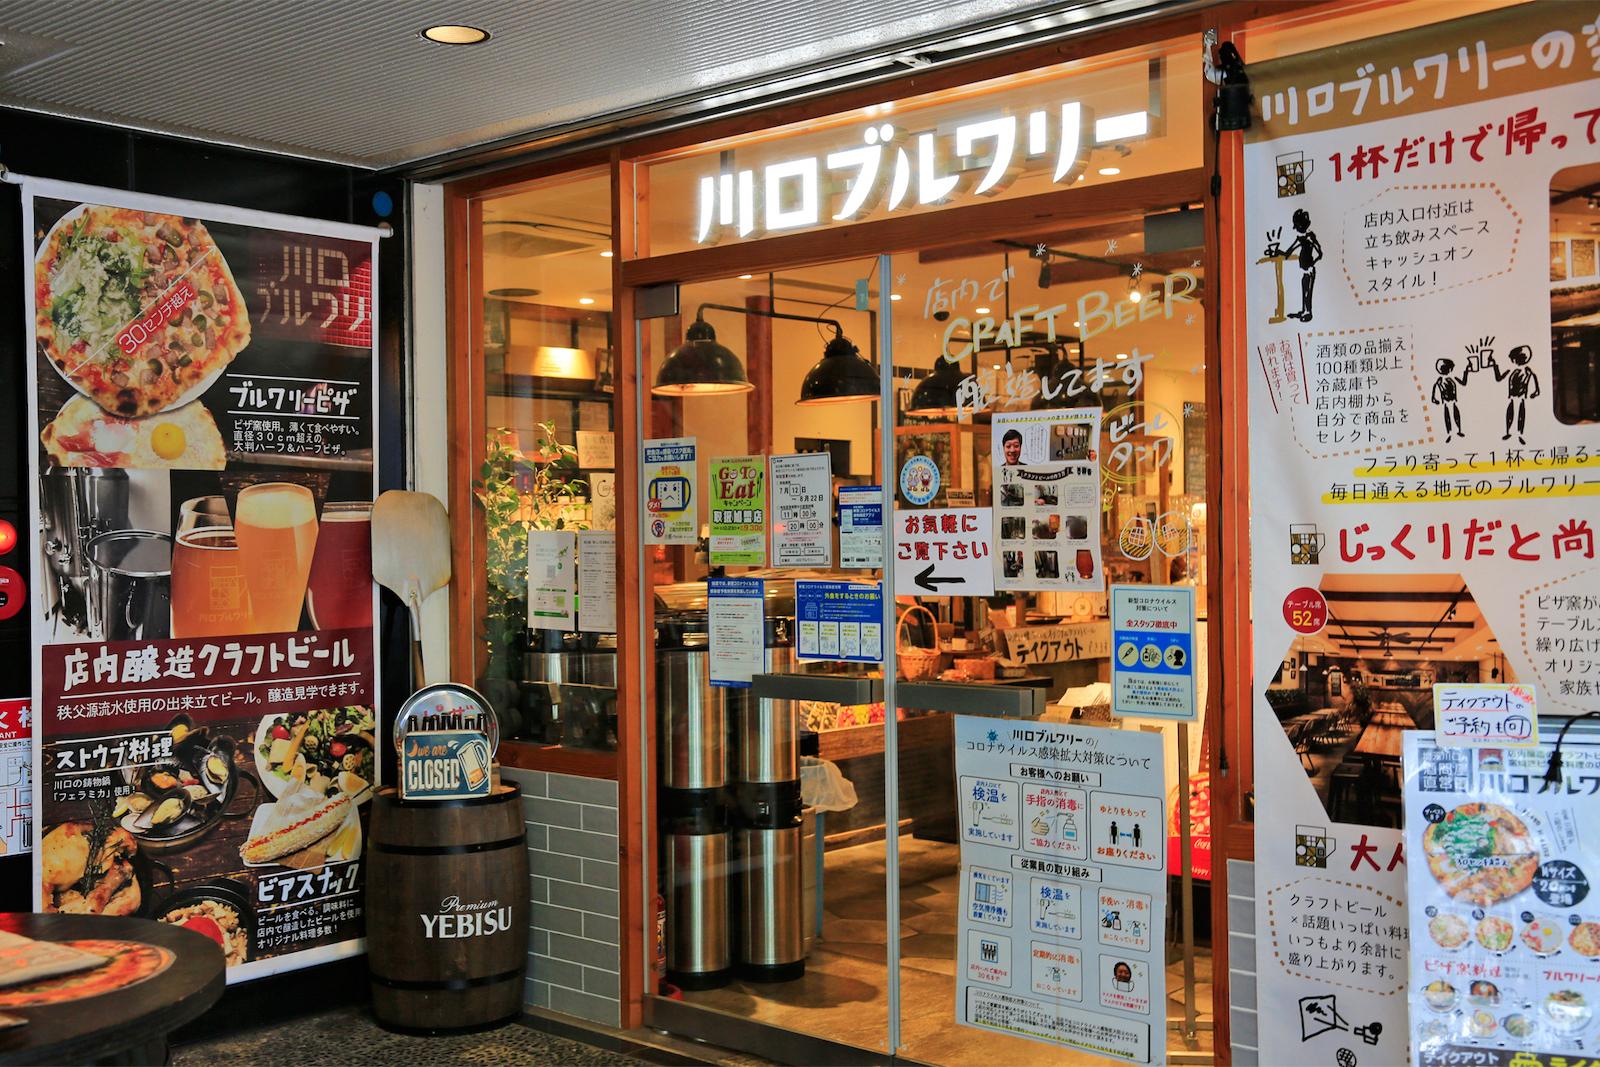 【川口ブルワリー】川口駅から徒歩7分、店内醸造のクラフトビールと食事が楽しめる